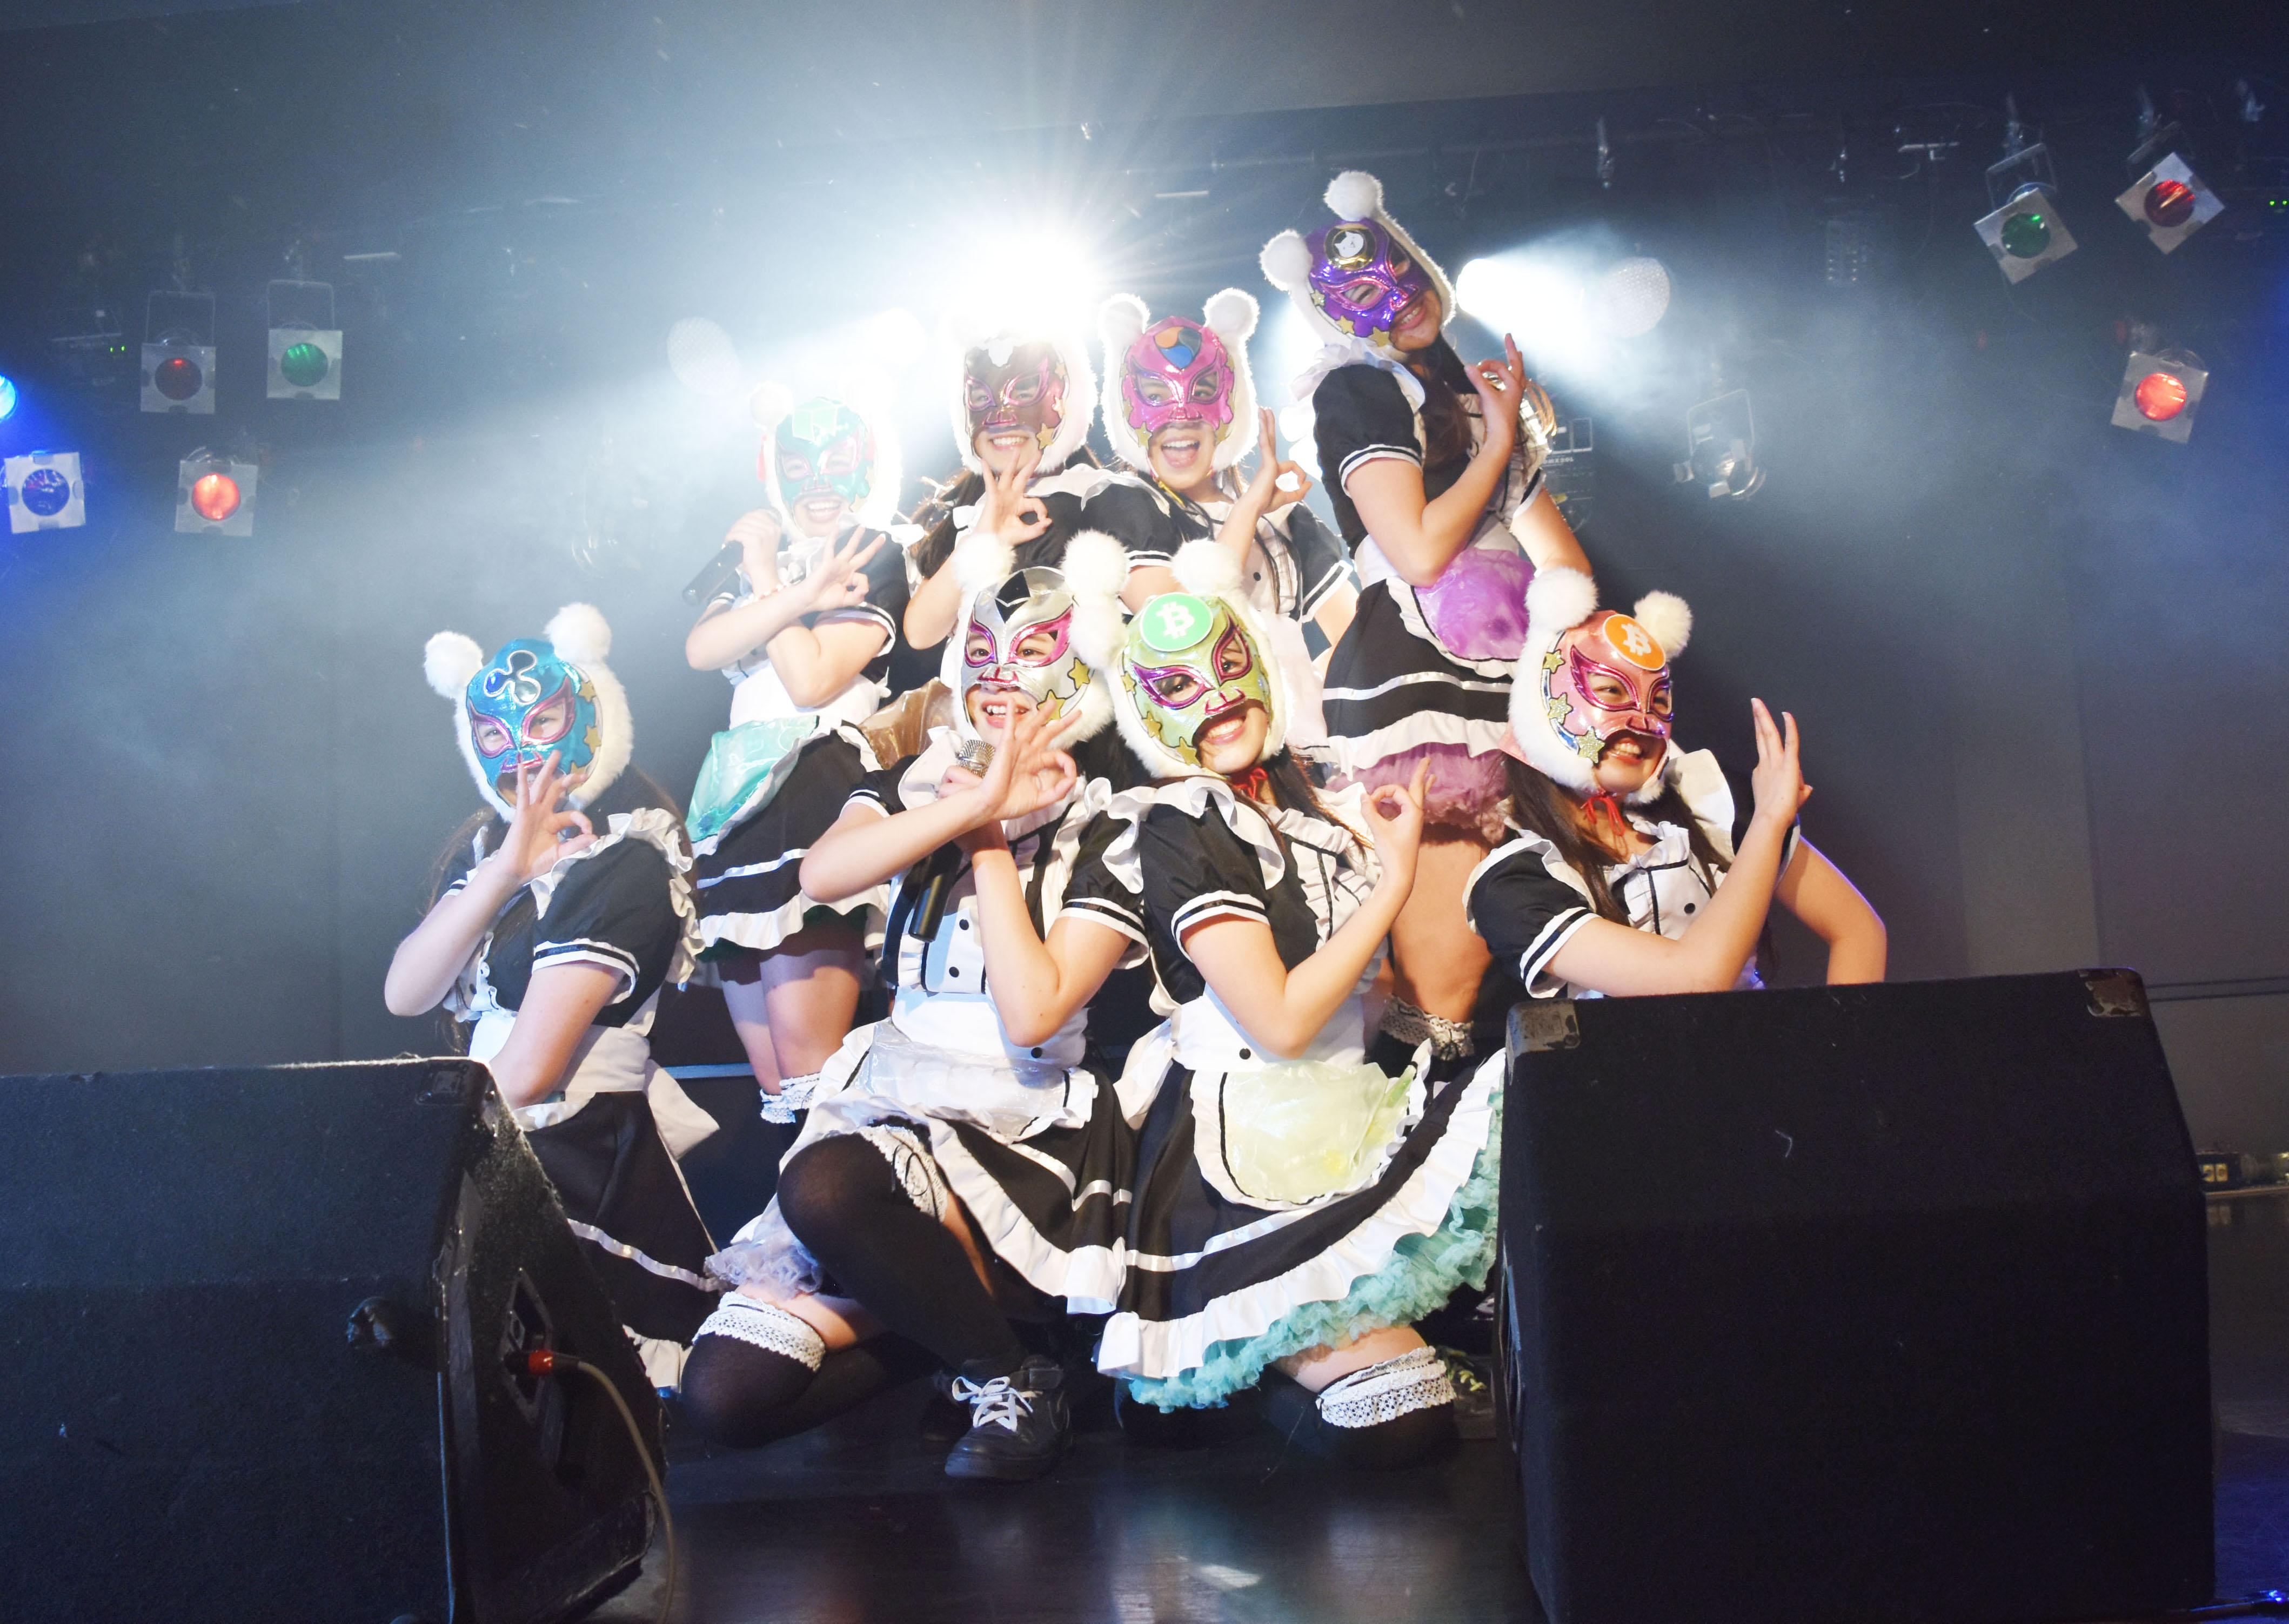 【ビットコイン】仮想通貨アイドルユニット爆誕wwwwwwwwwのサムネイル画像